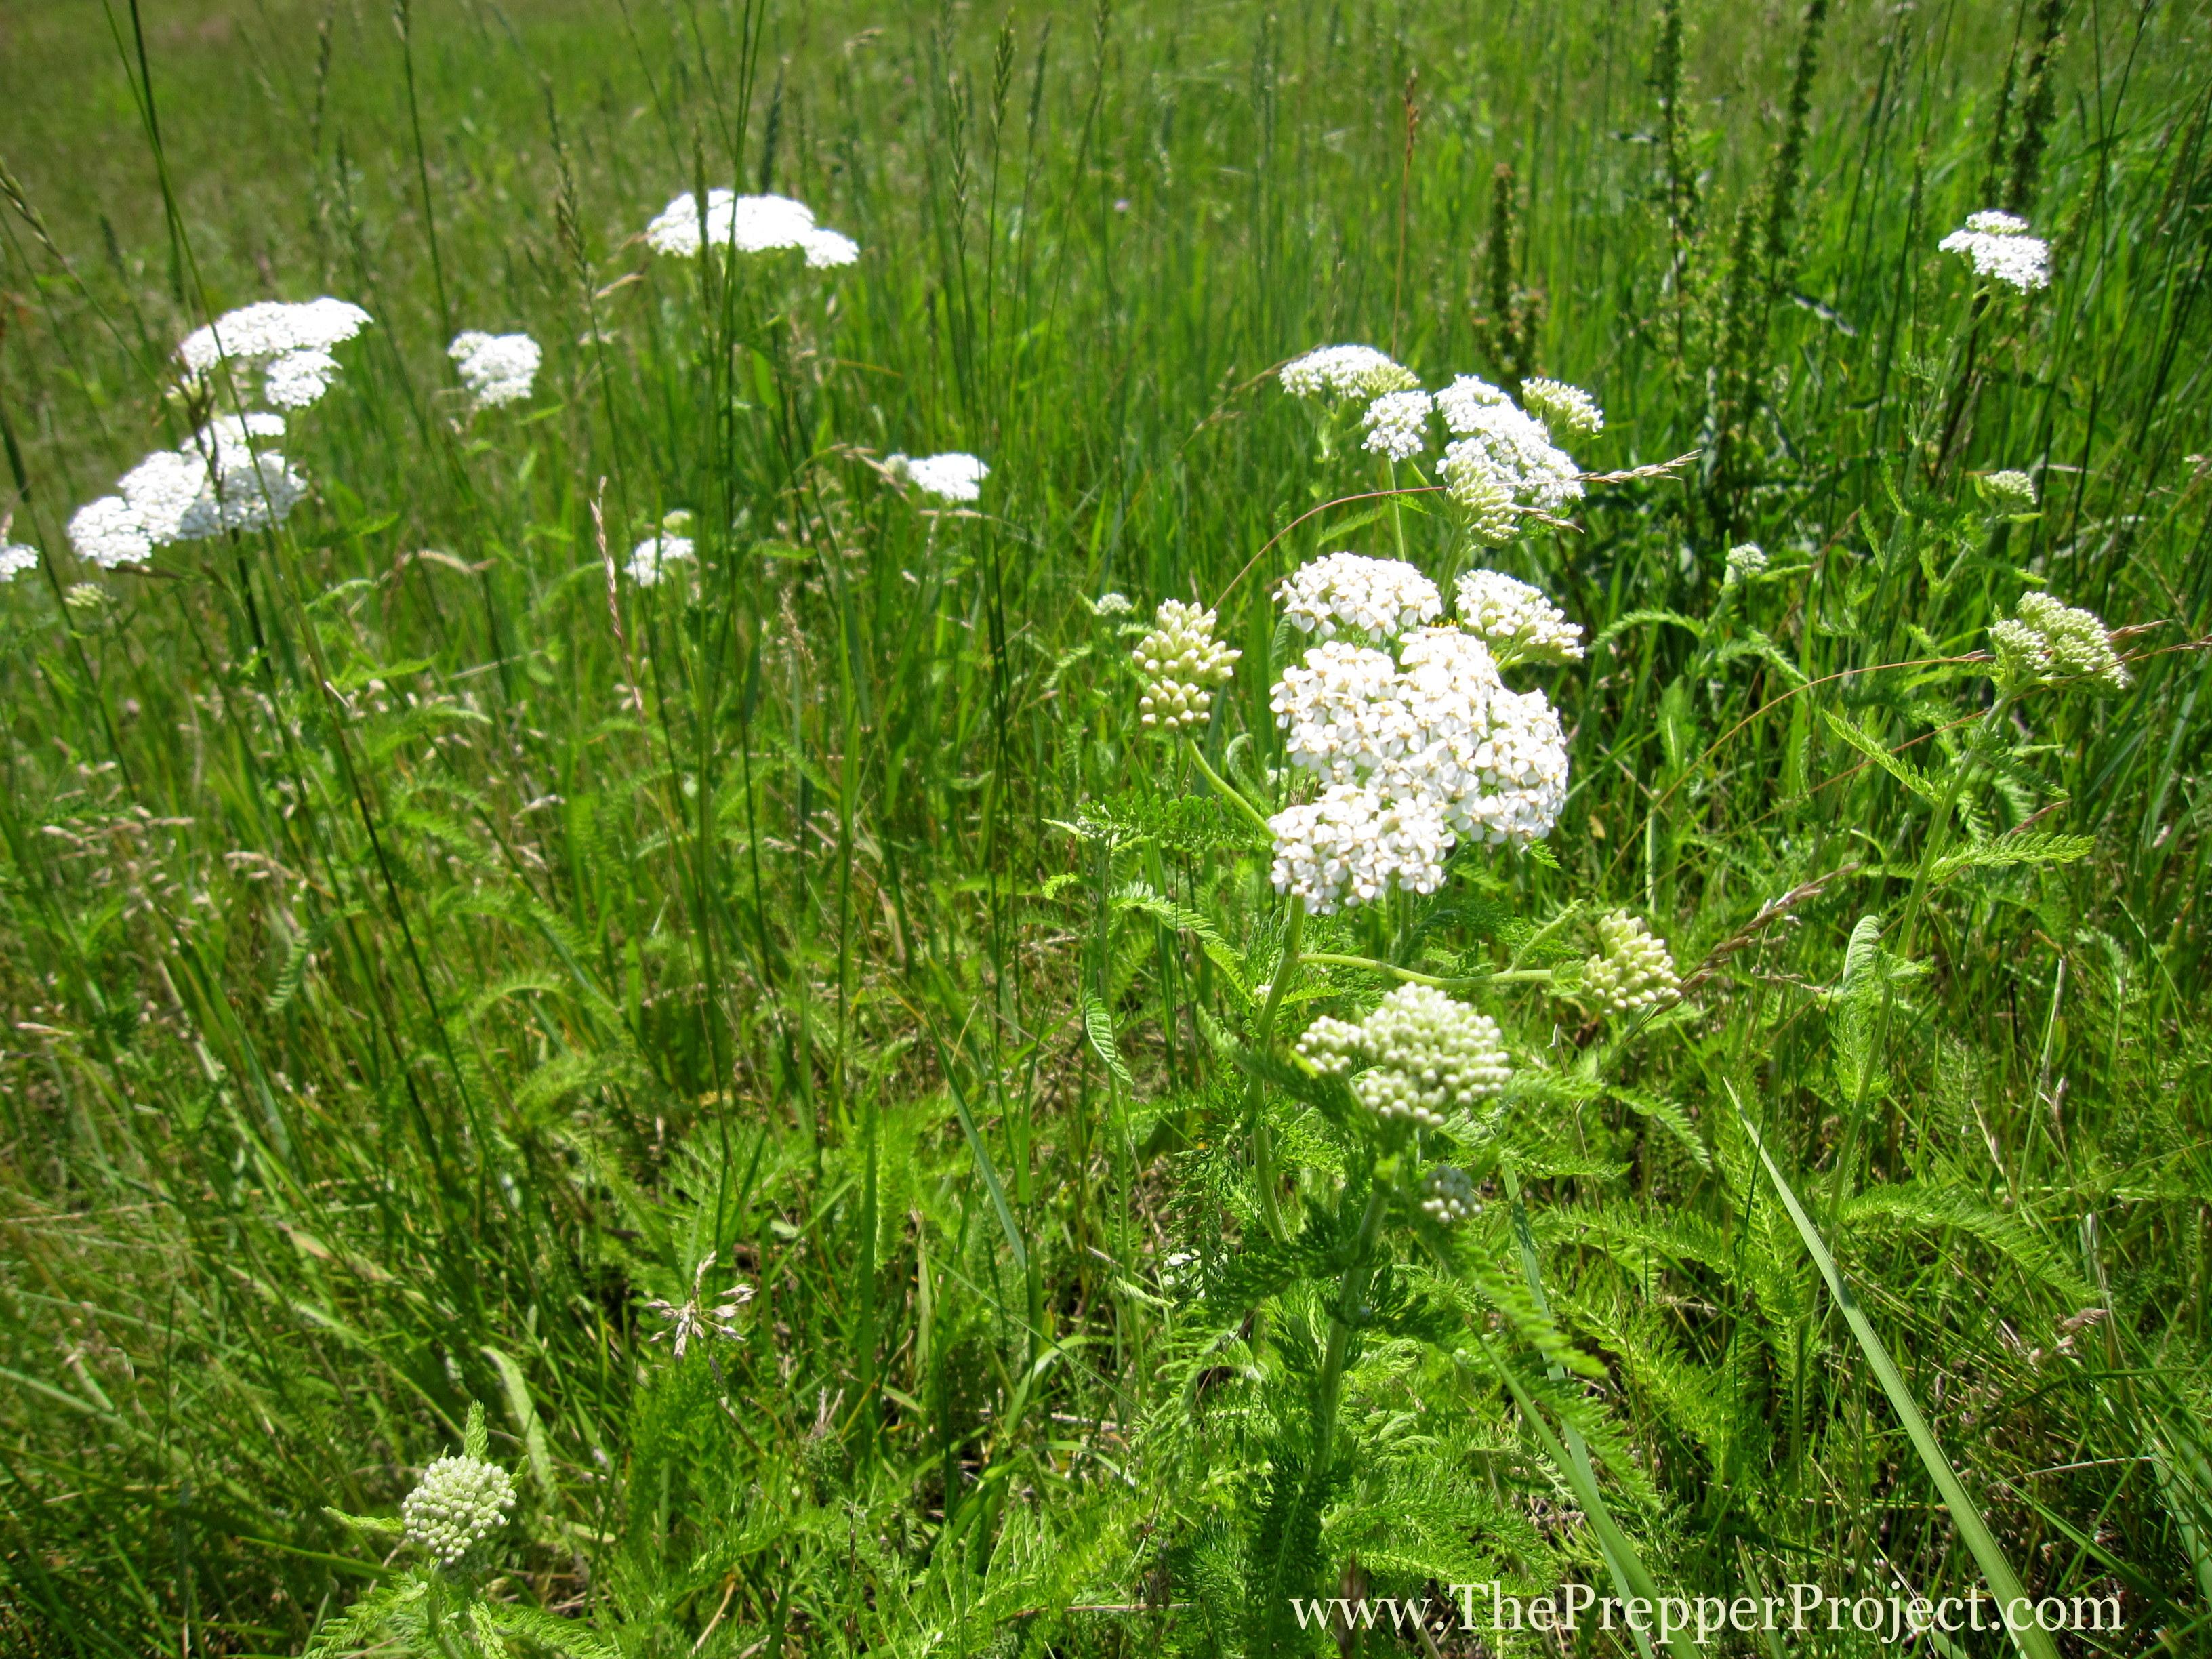 Wild plants photo